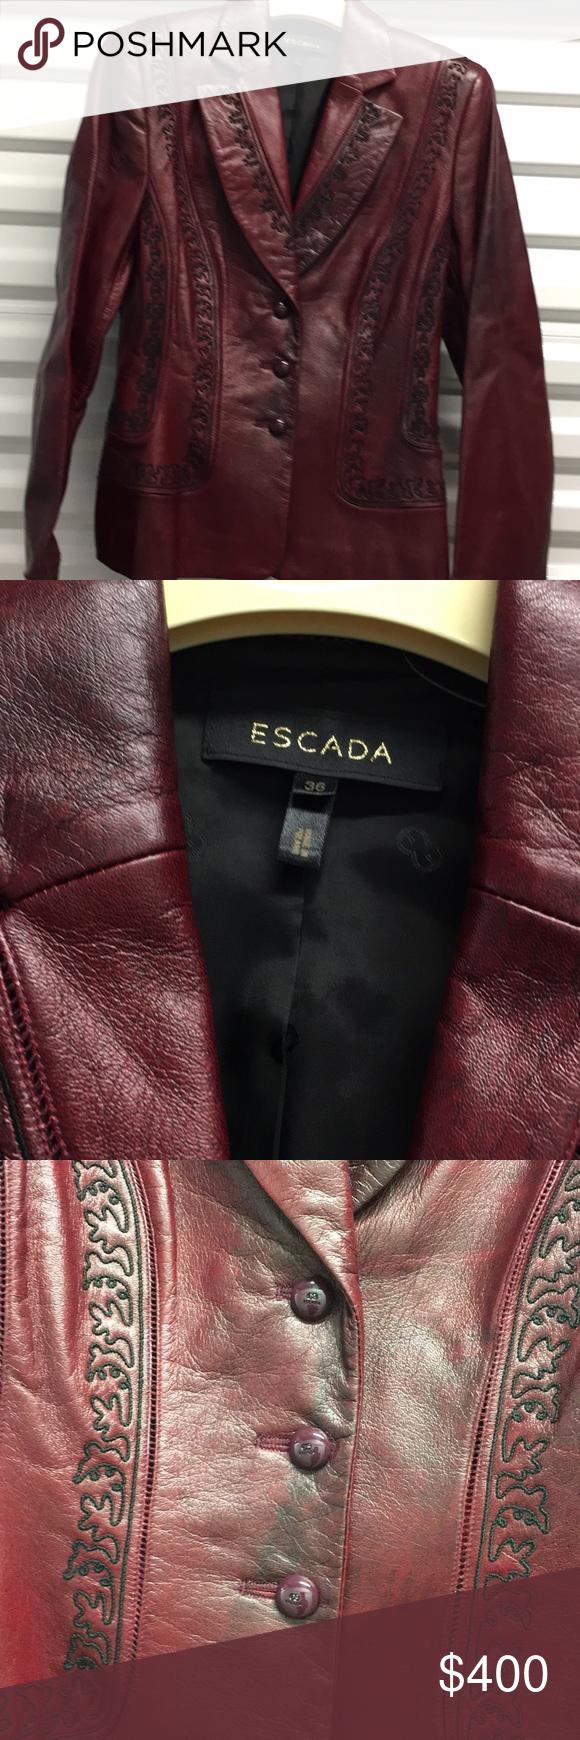 Escada Leather Jacket Escada Jacket Leather Jacket Fashion [ 1740 x 580 Pixel ]